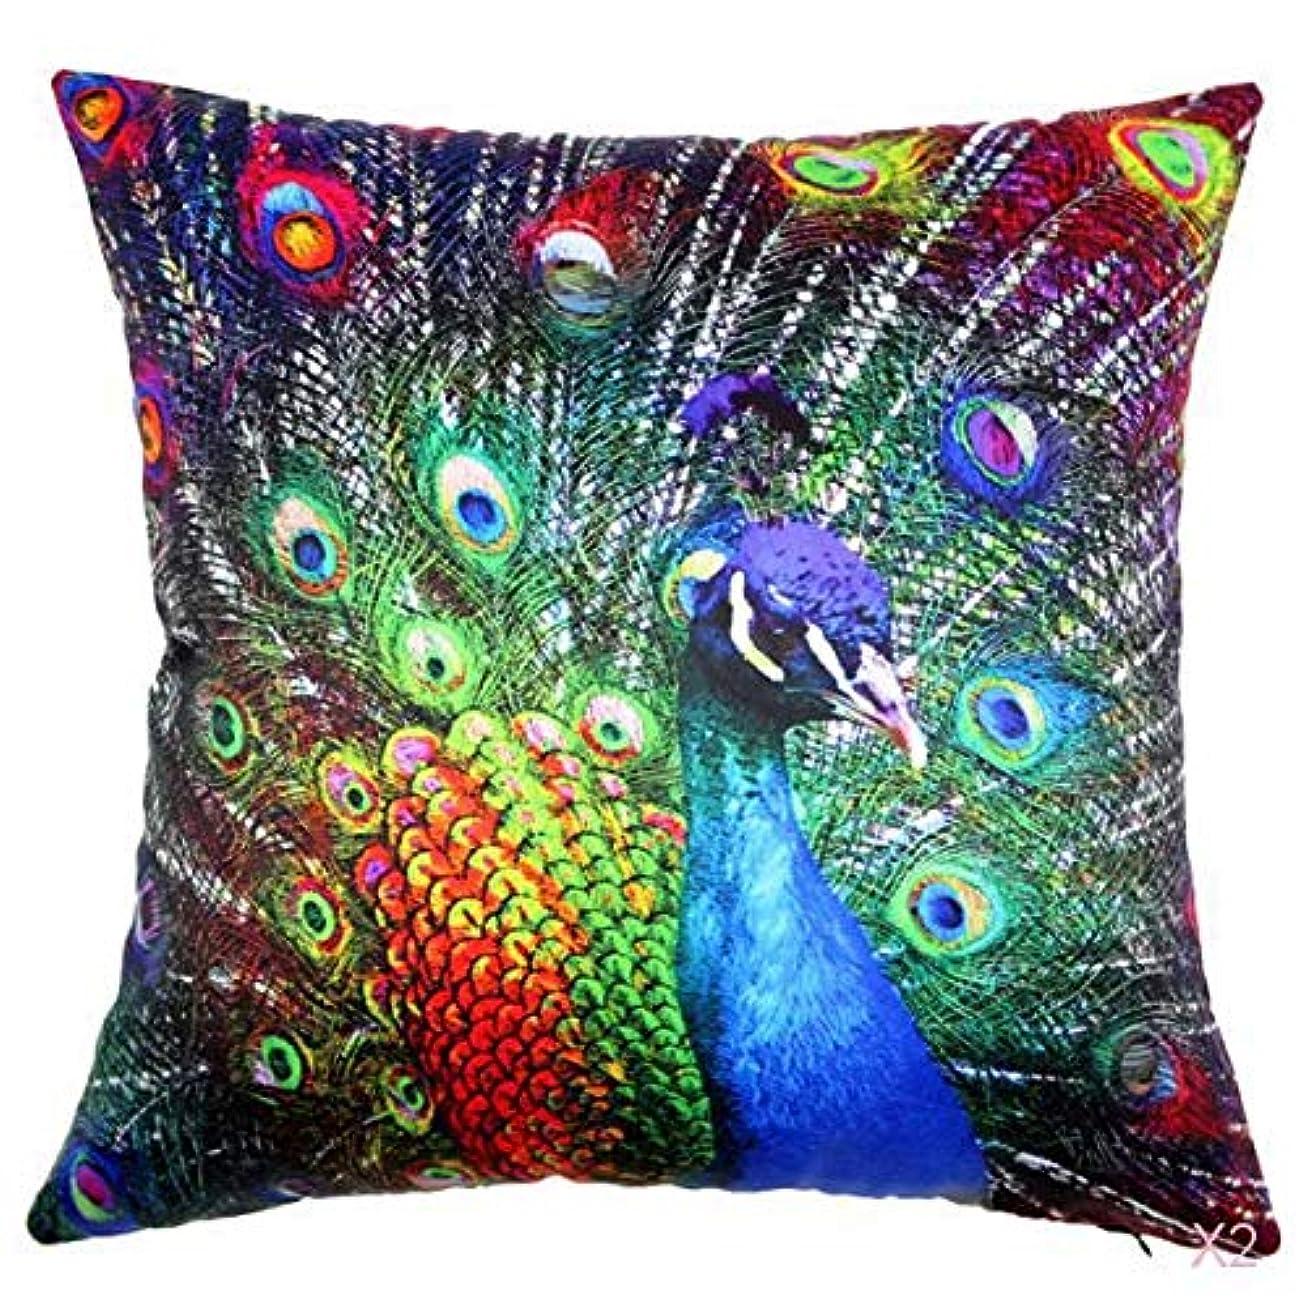 晩ごはん感謝しているバルセロナ45センチメートル家の装飾スロー枕カバークッションカバーヴィンテージ孔雀のパターン02